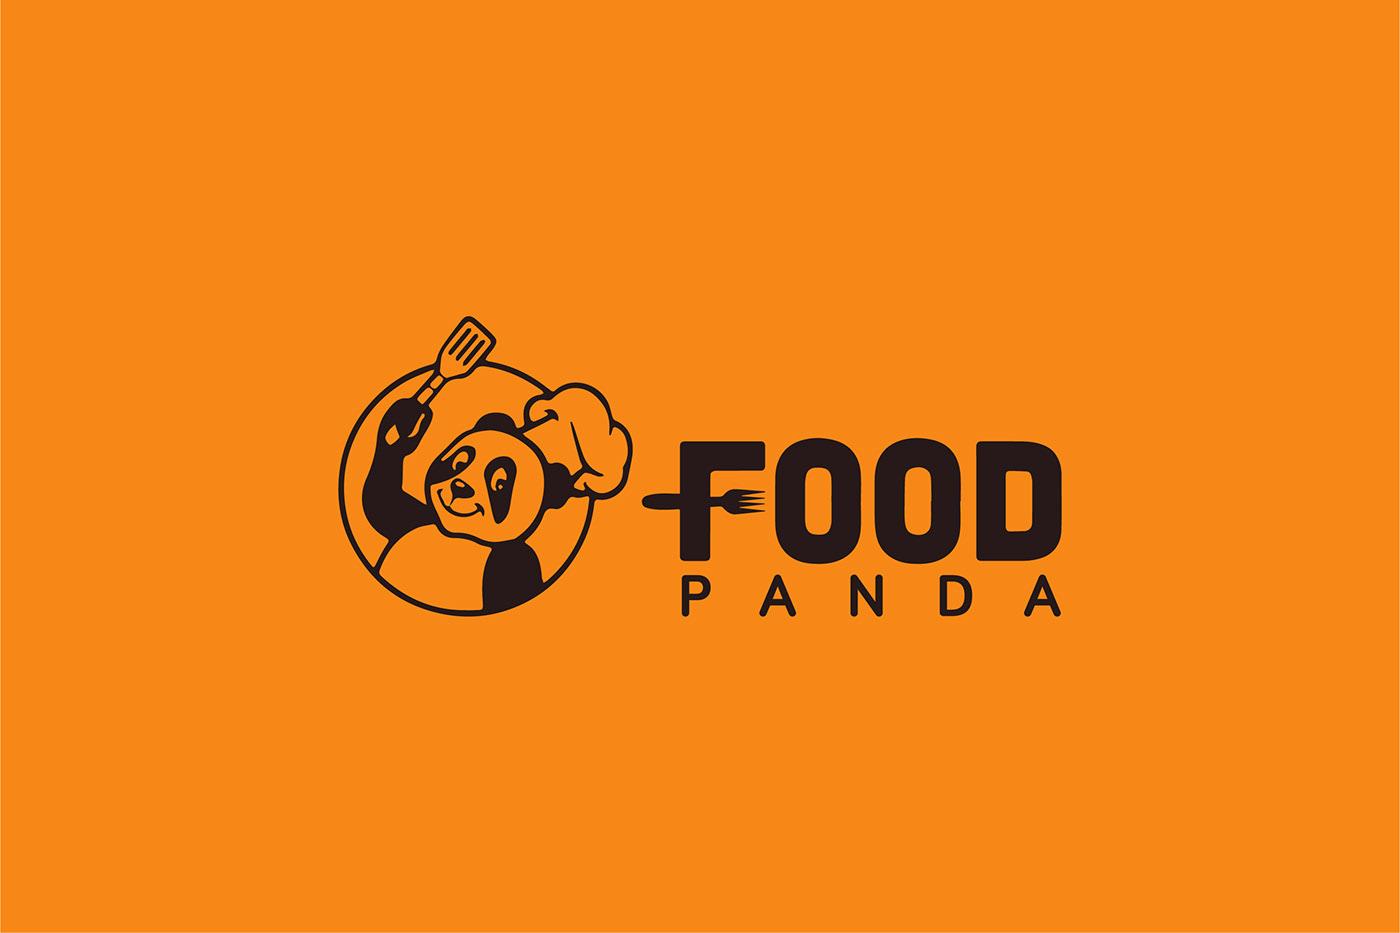 高質感的46個餐廳logo欣賞